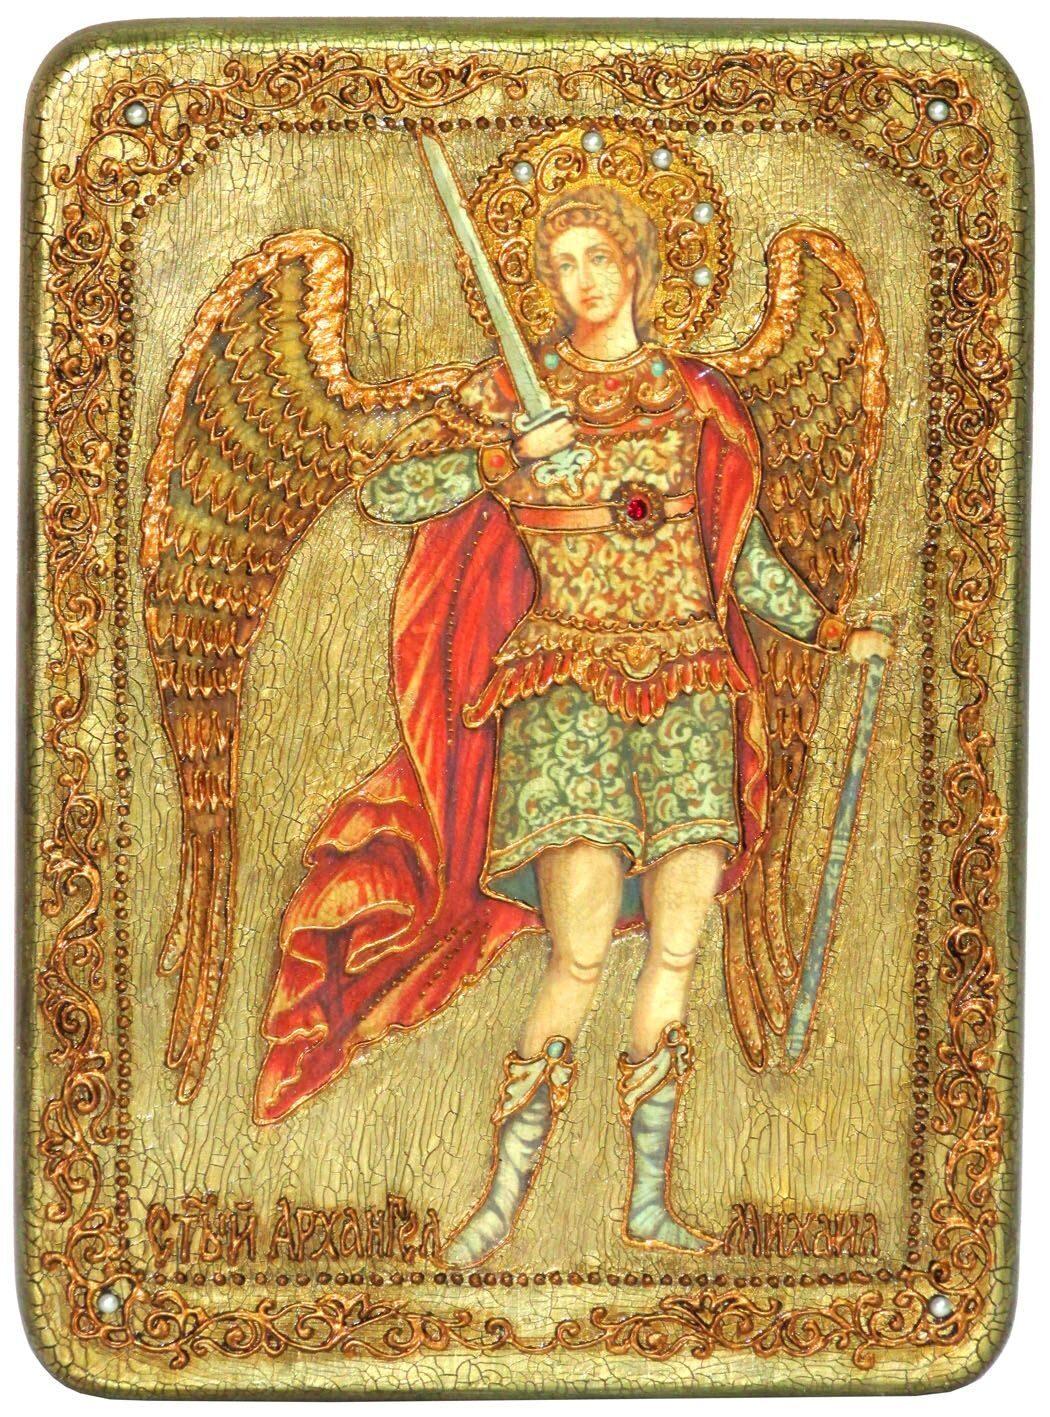 это самое как выглядит архангел михаил фото тематической подборке ниже